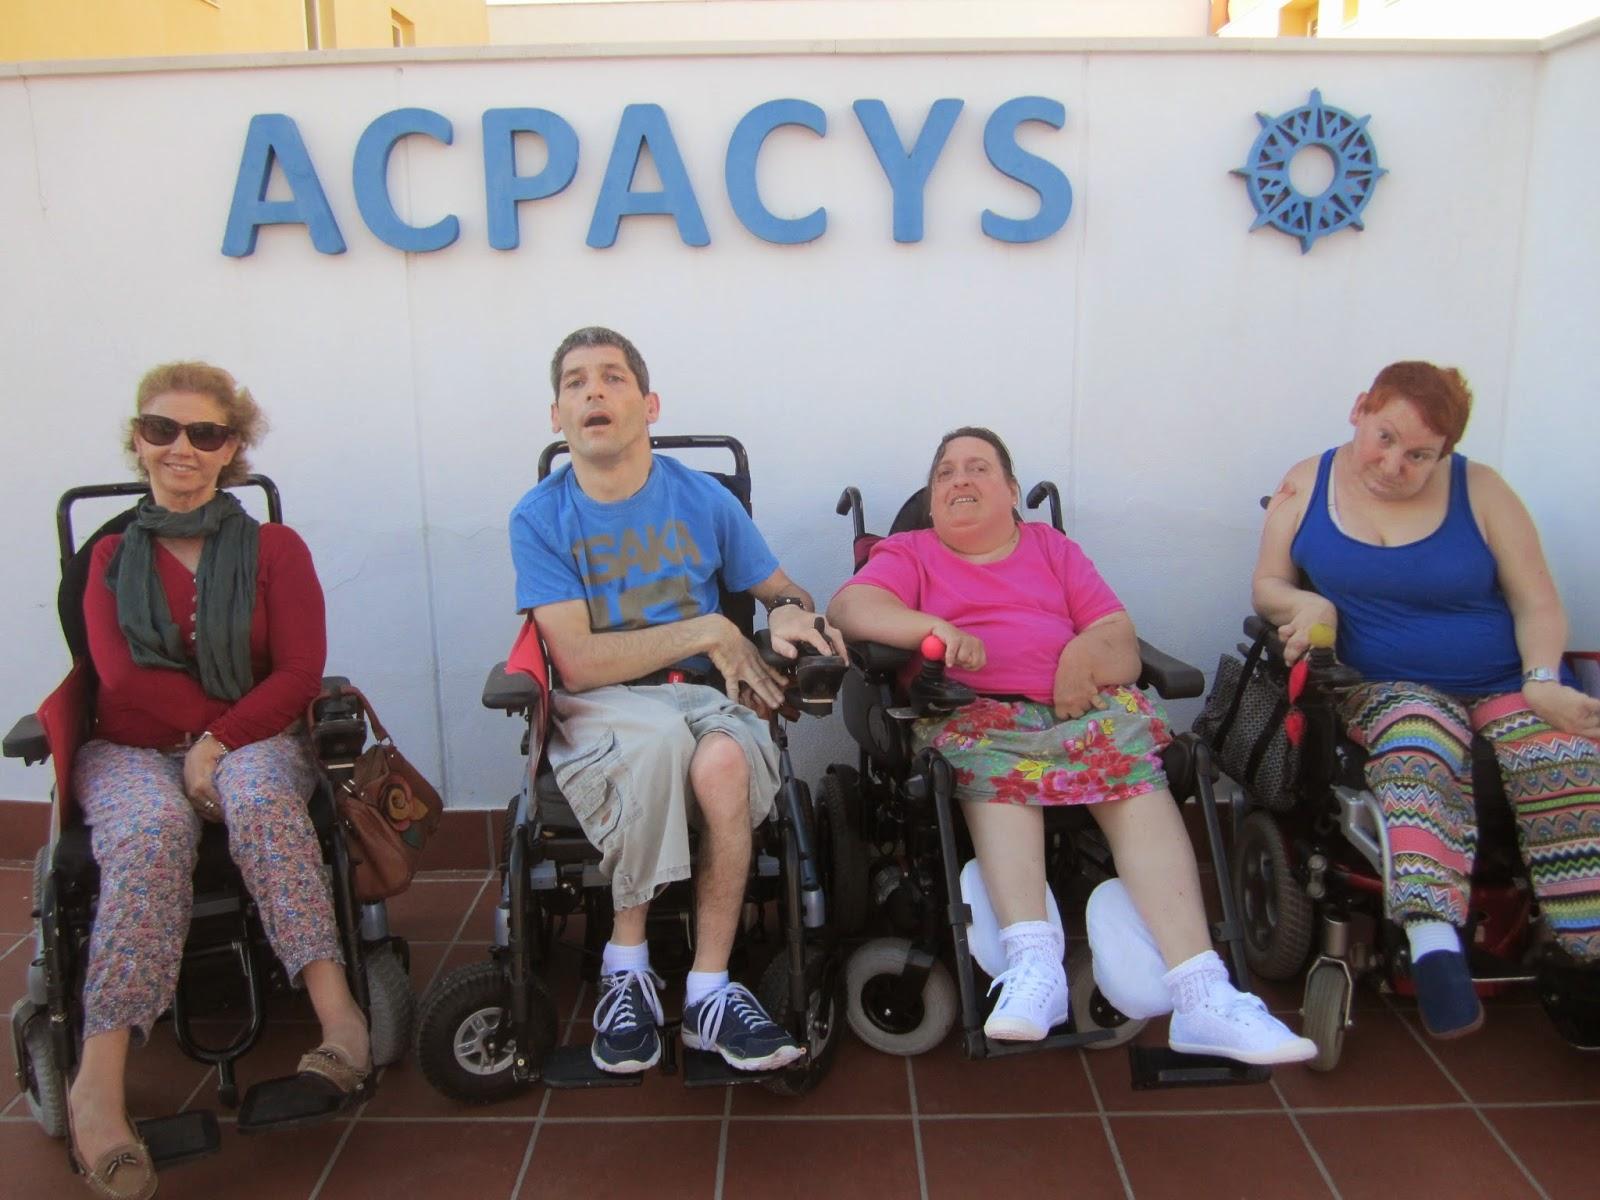 De izquierda a derecha  Ana, Manuel, Mª del Mar y Virtudes junto al logotipo de ACPACYS.